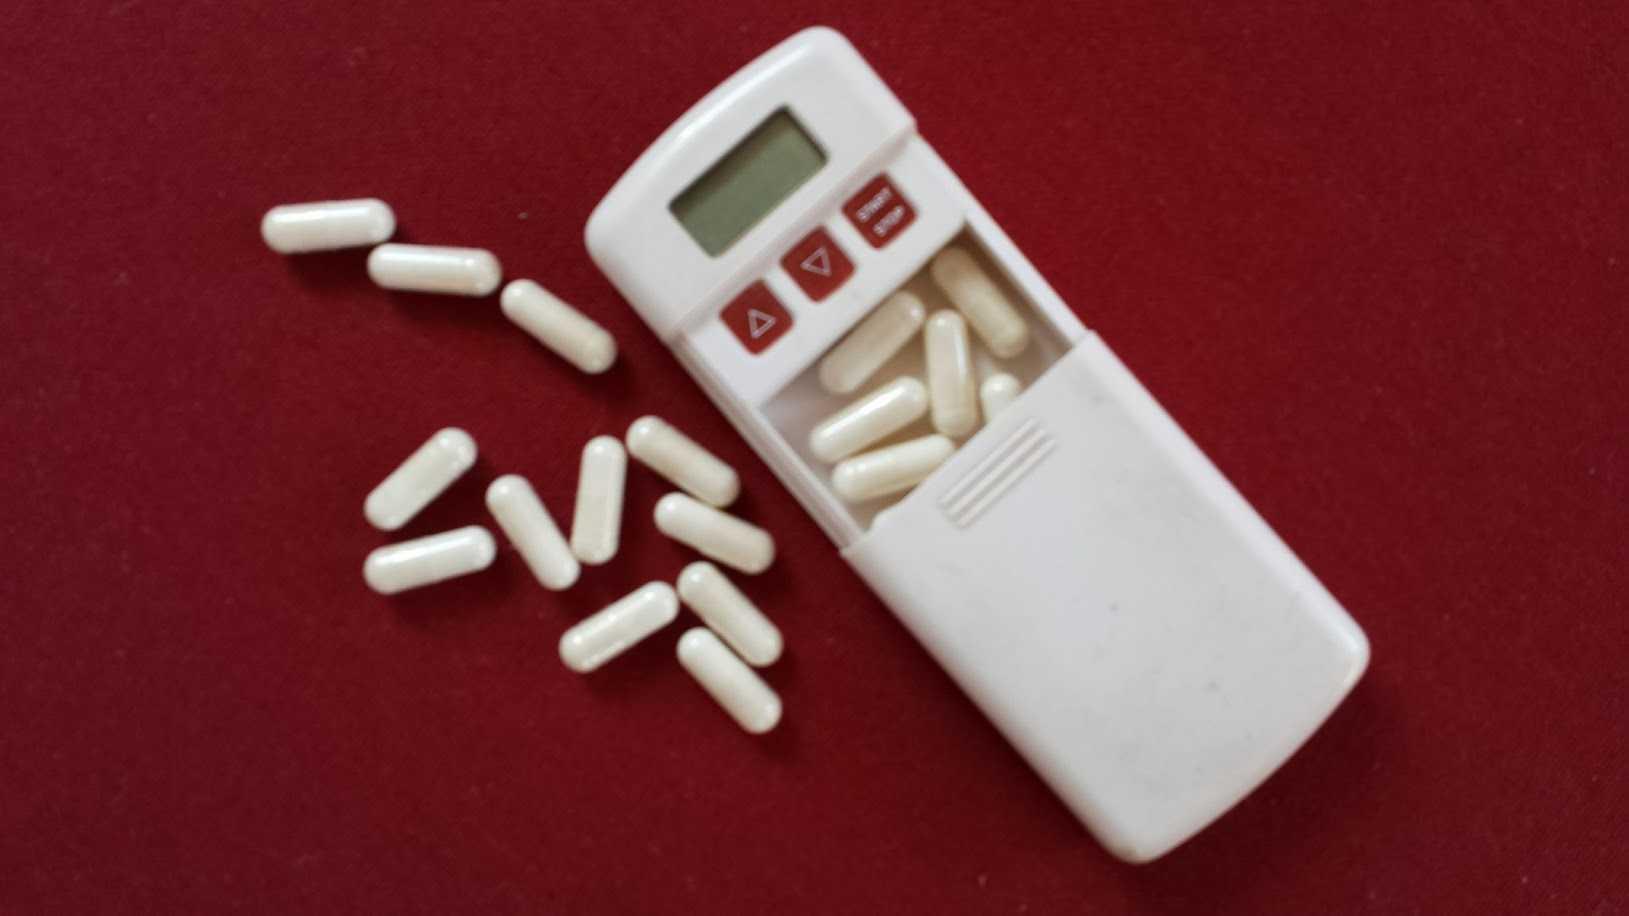 Pillenwecker wie in der 'frühen AZT Zeit' gebräuchlich